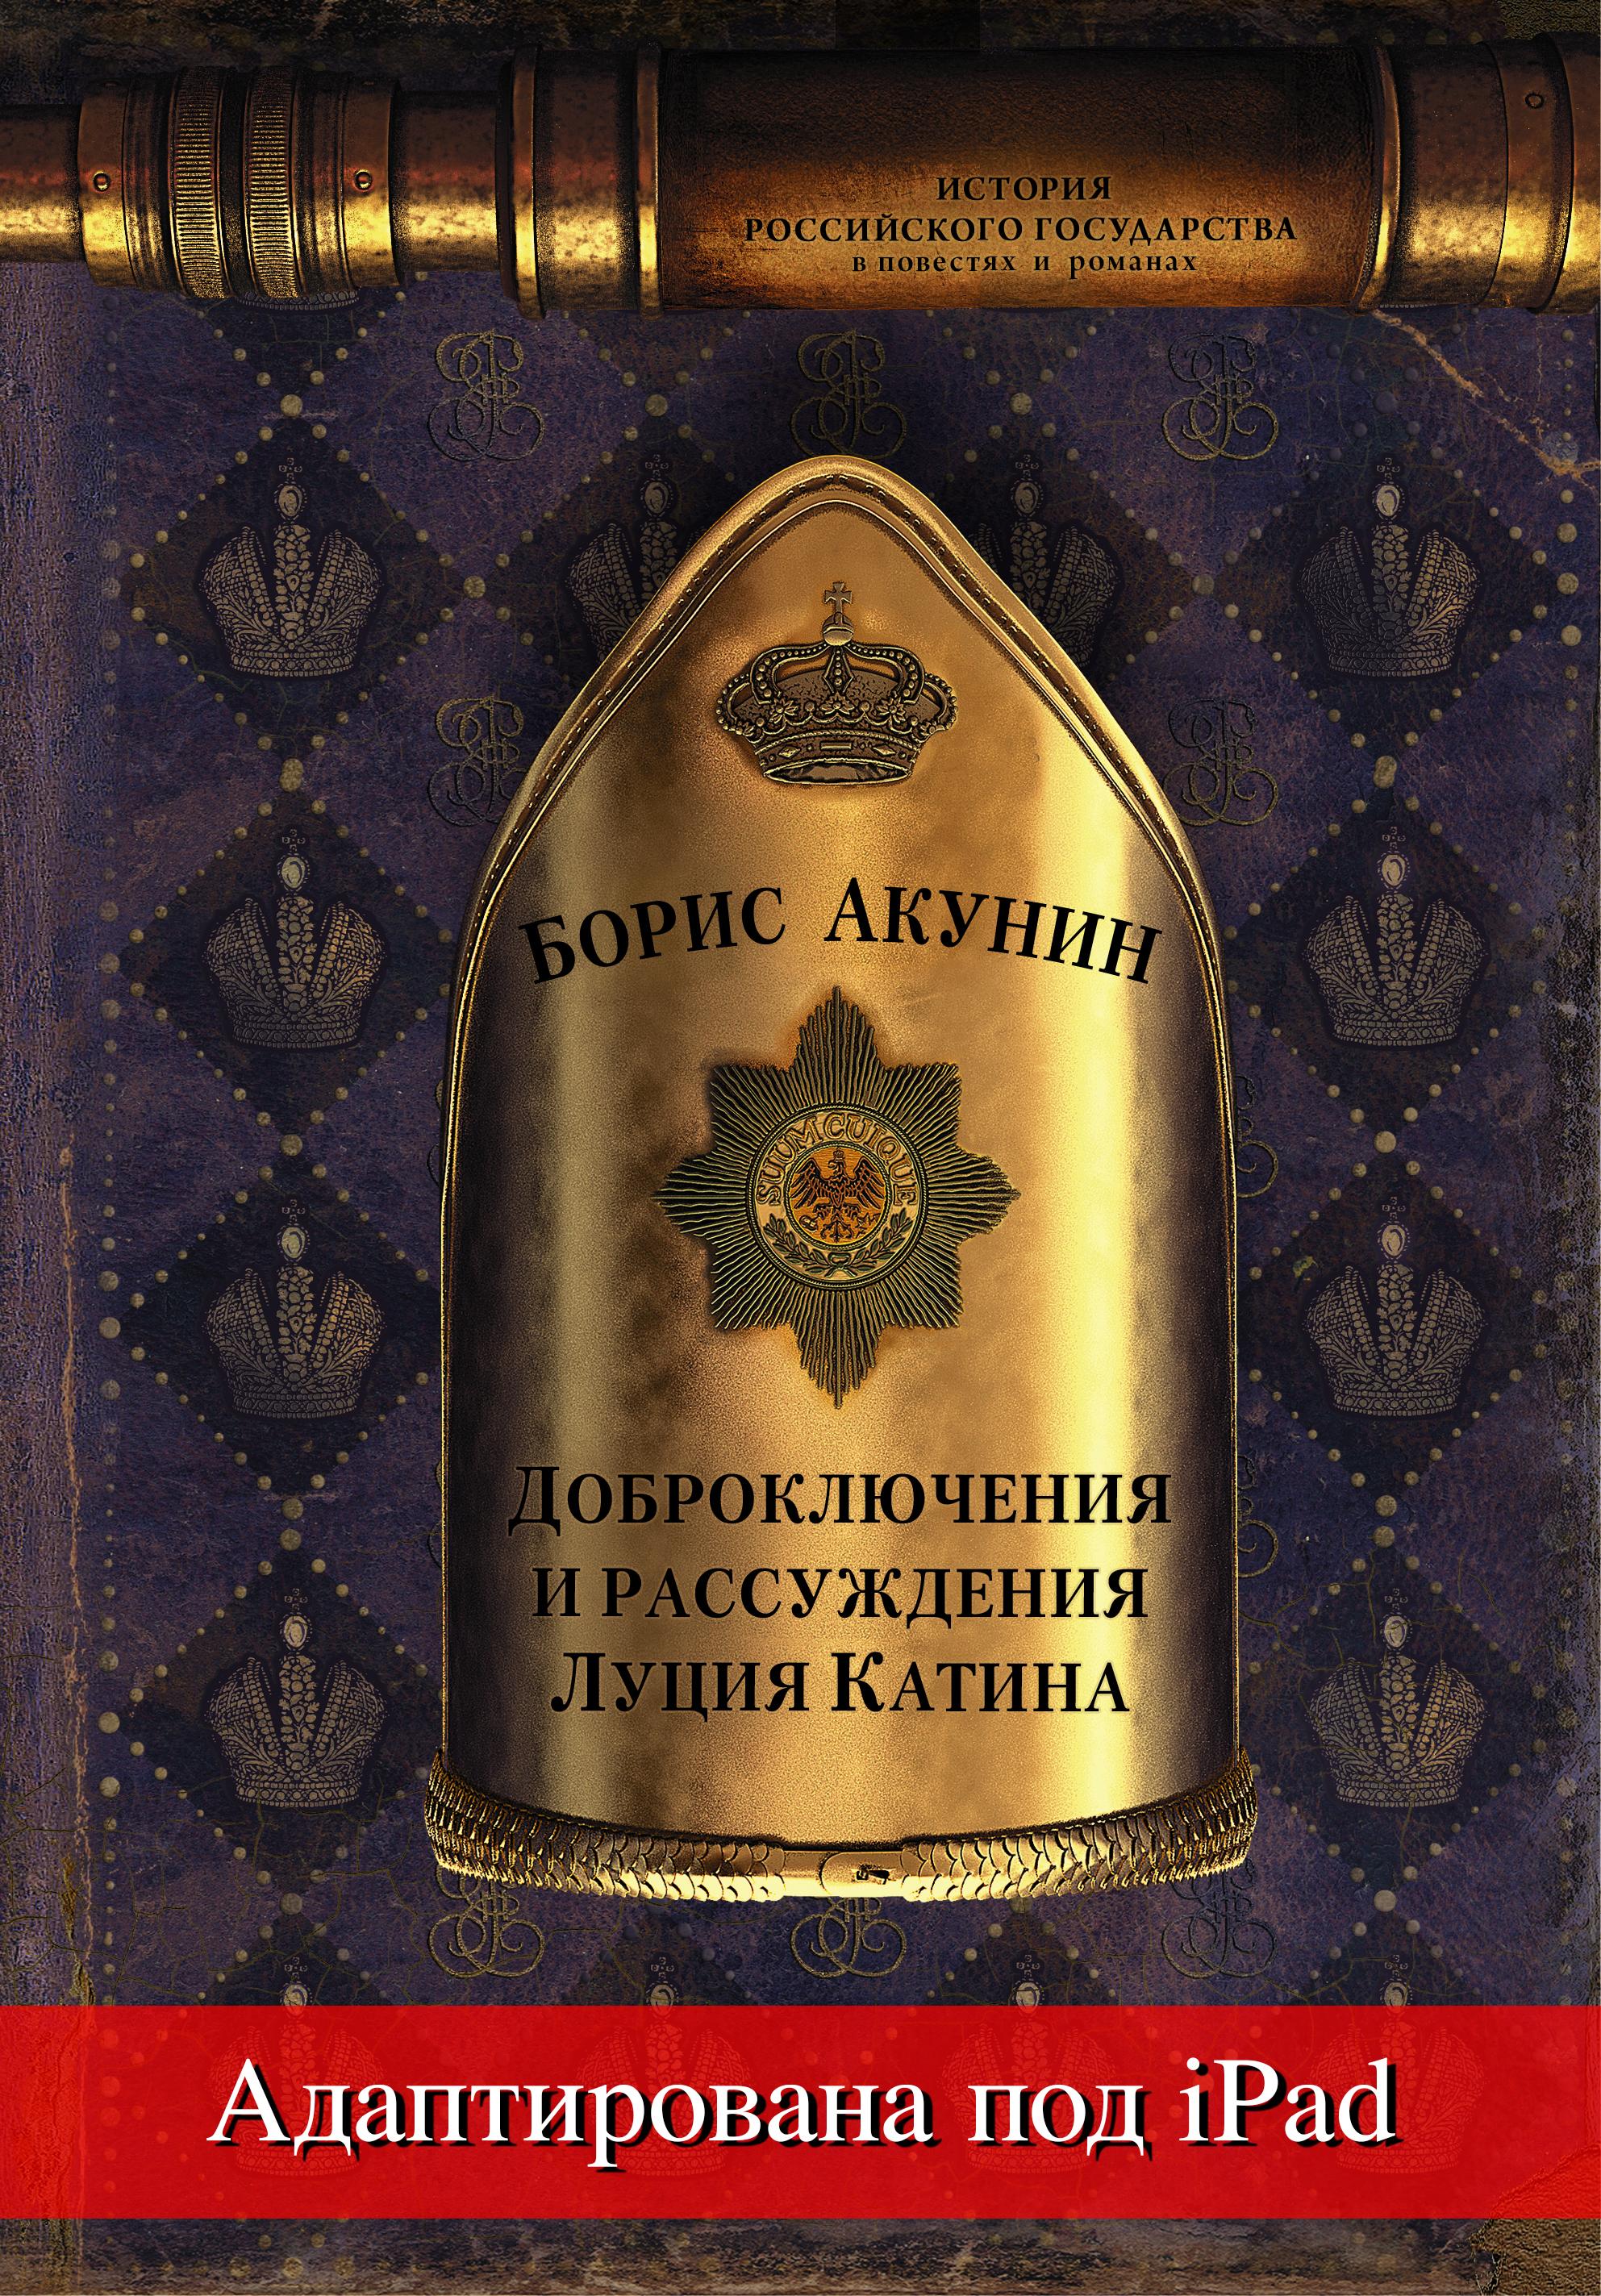 Борис Акунин «Доброключения и рассуждения Луция Катина (адаптирована под iPad)»